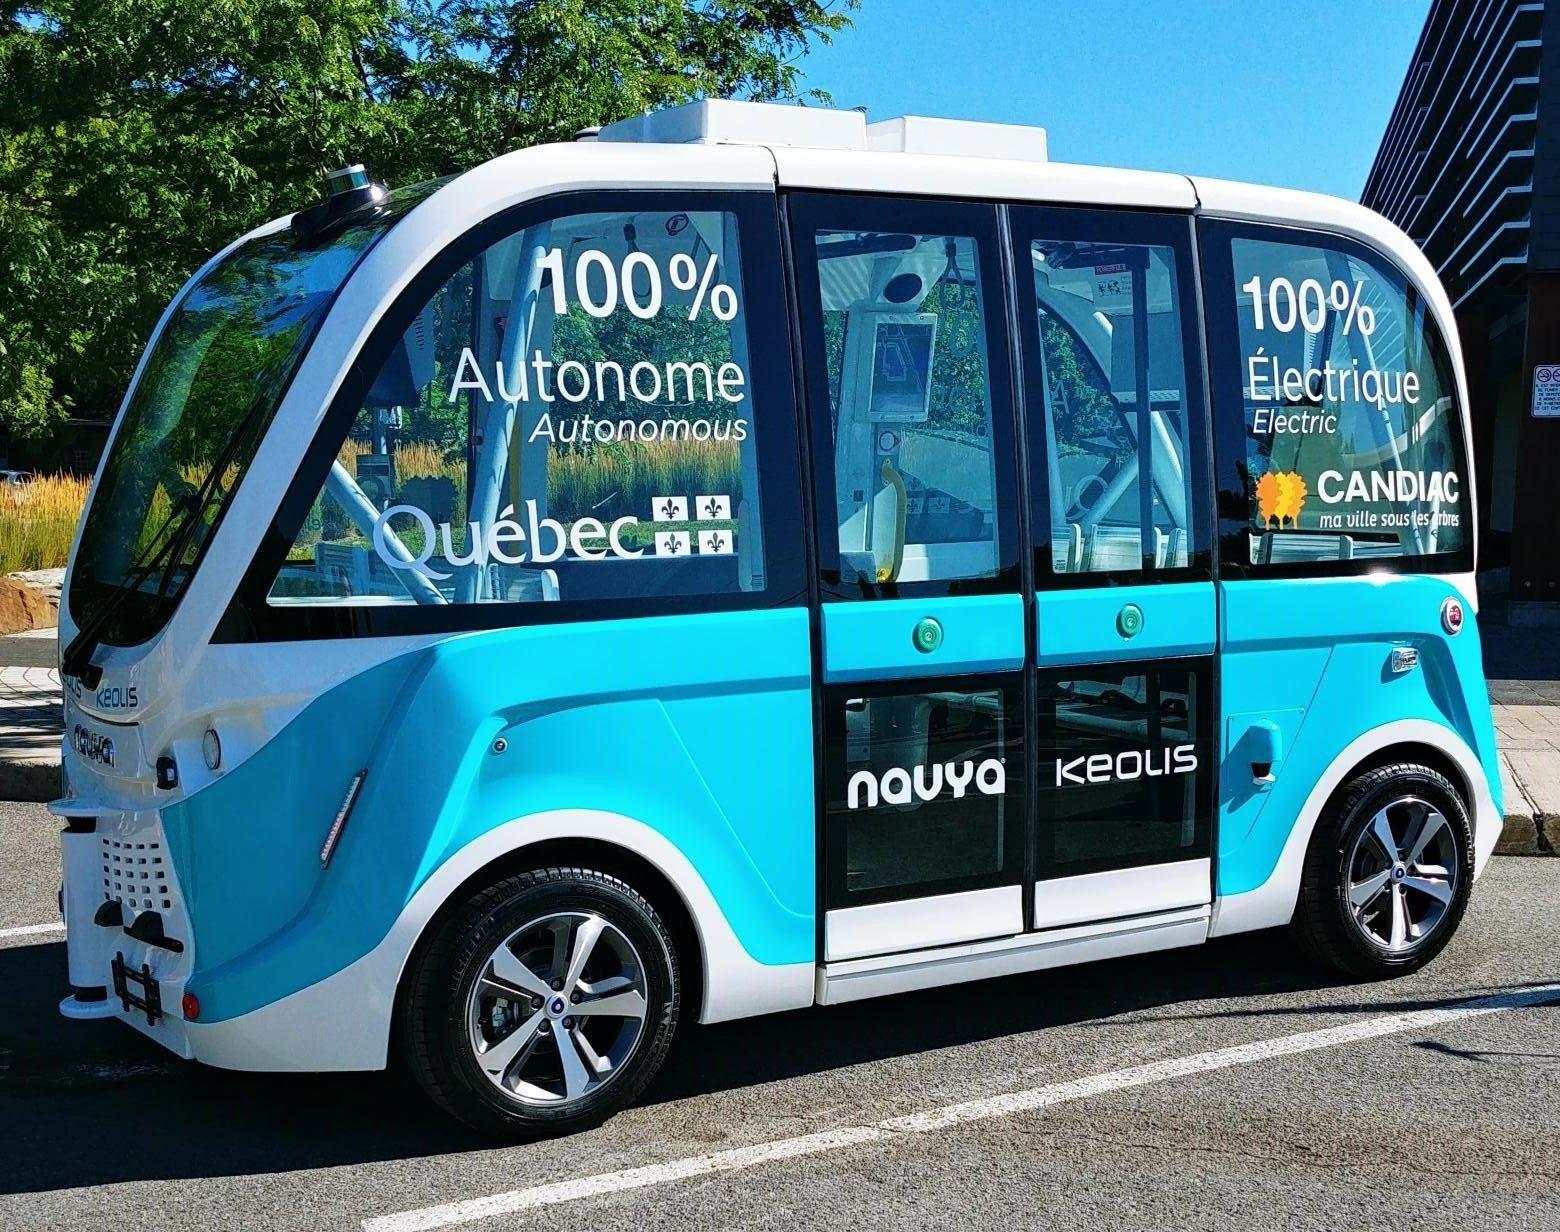 La navette autonome, une révolution à nos portes